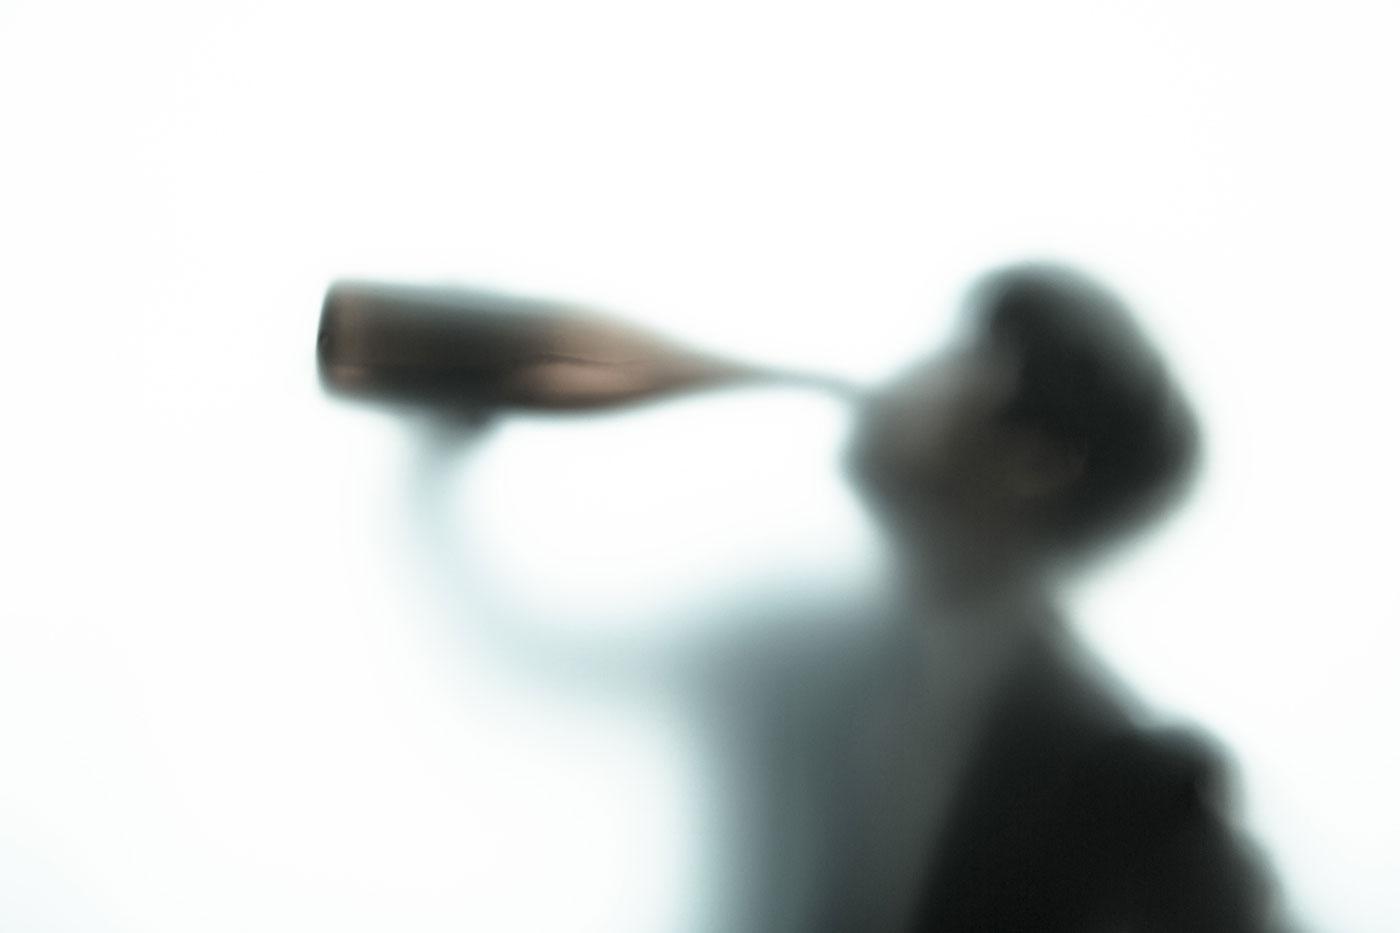 心理的ストレスと飲酒量の増加が原因?